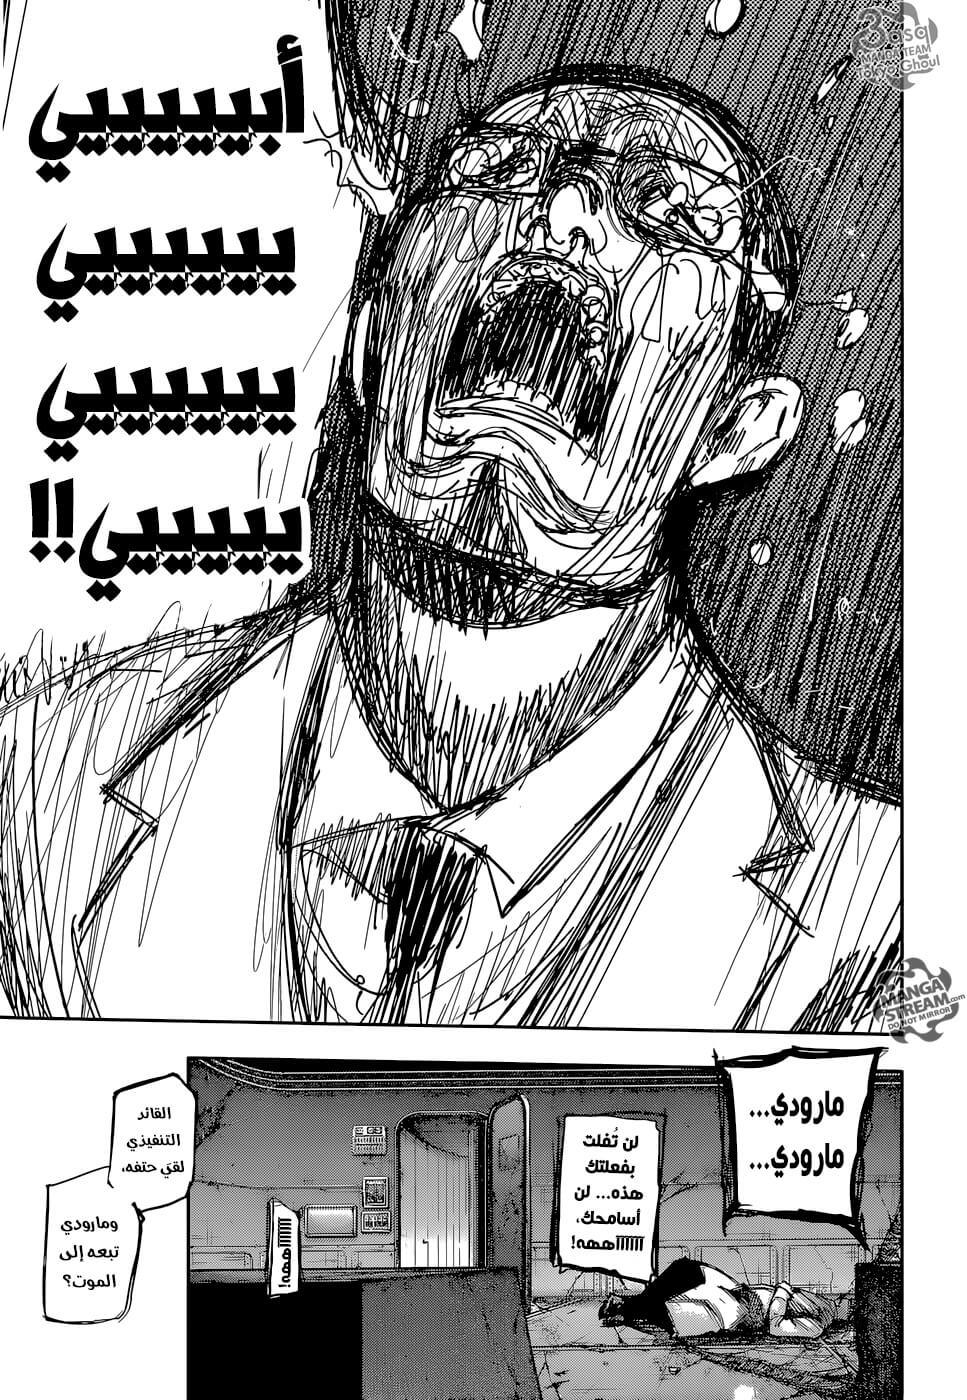 Tokyo Ghoul:re 85